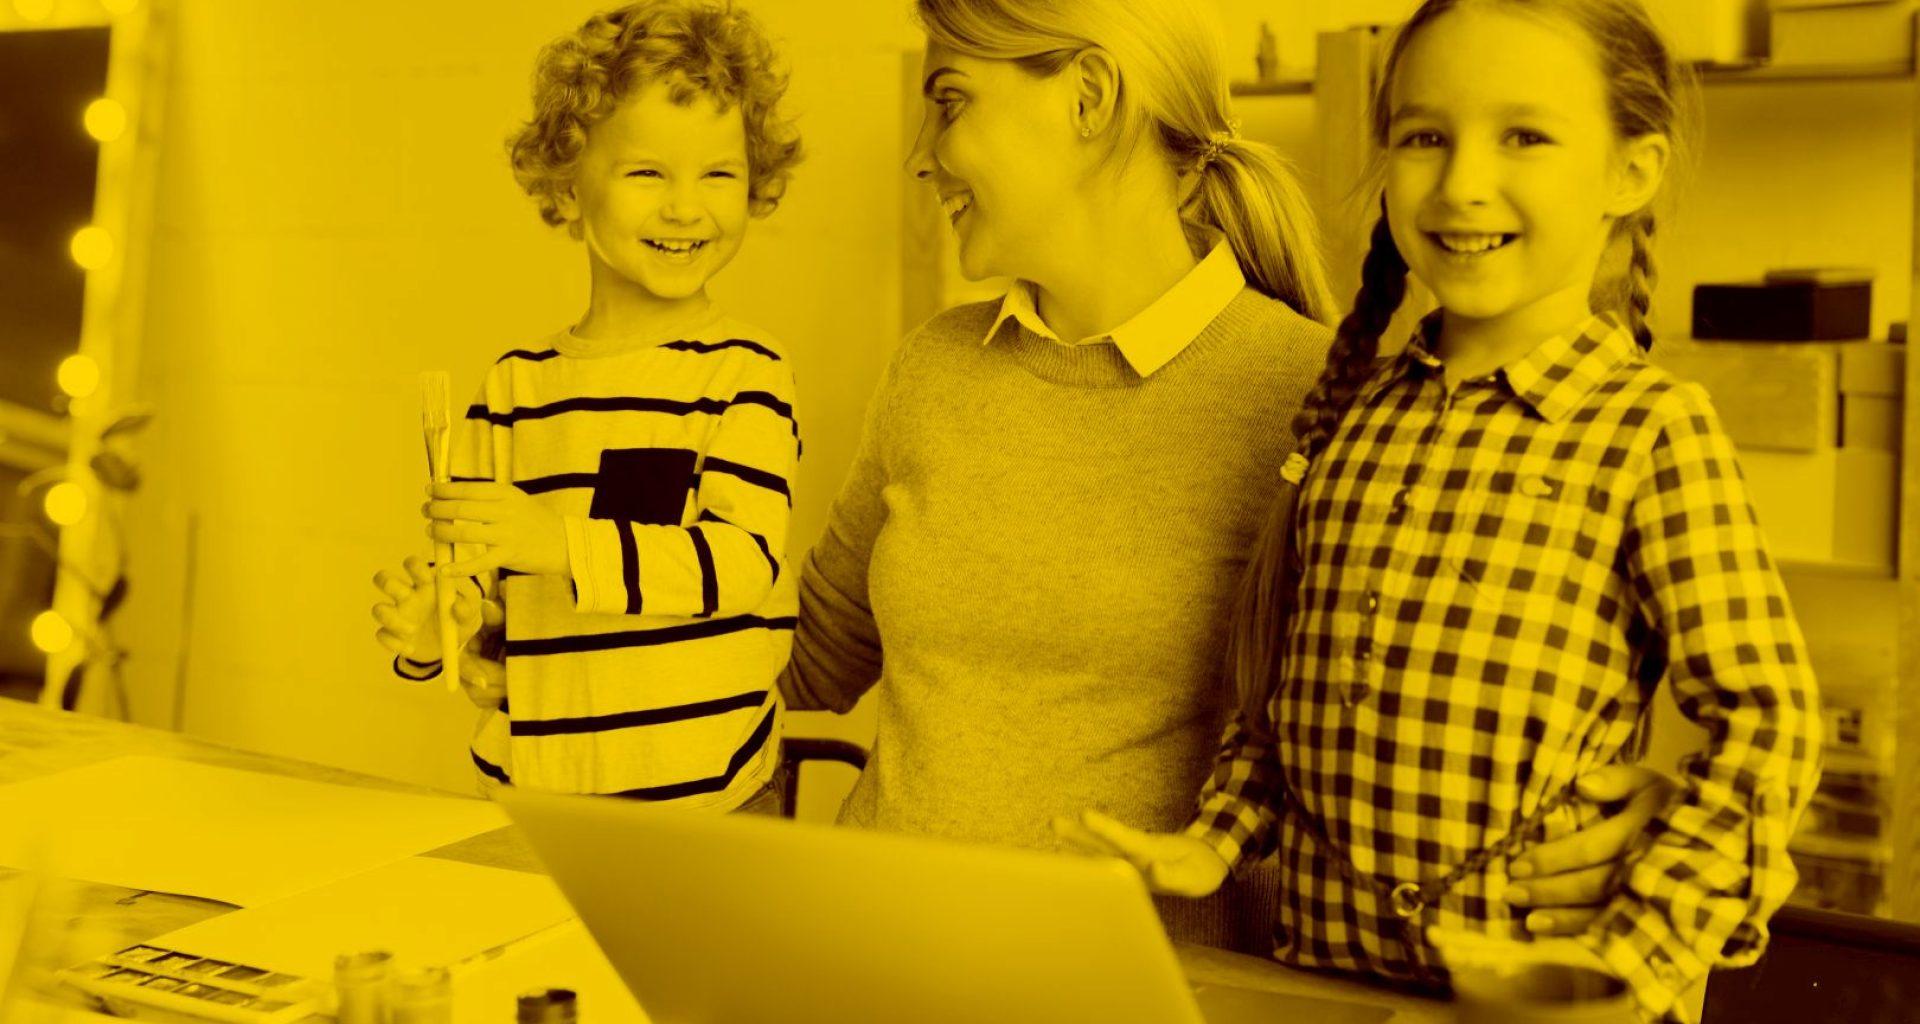 Unternehmerin arbeitet im Homeoffice und passt auf ihre zwei Kinder auf